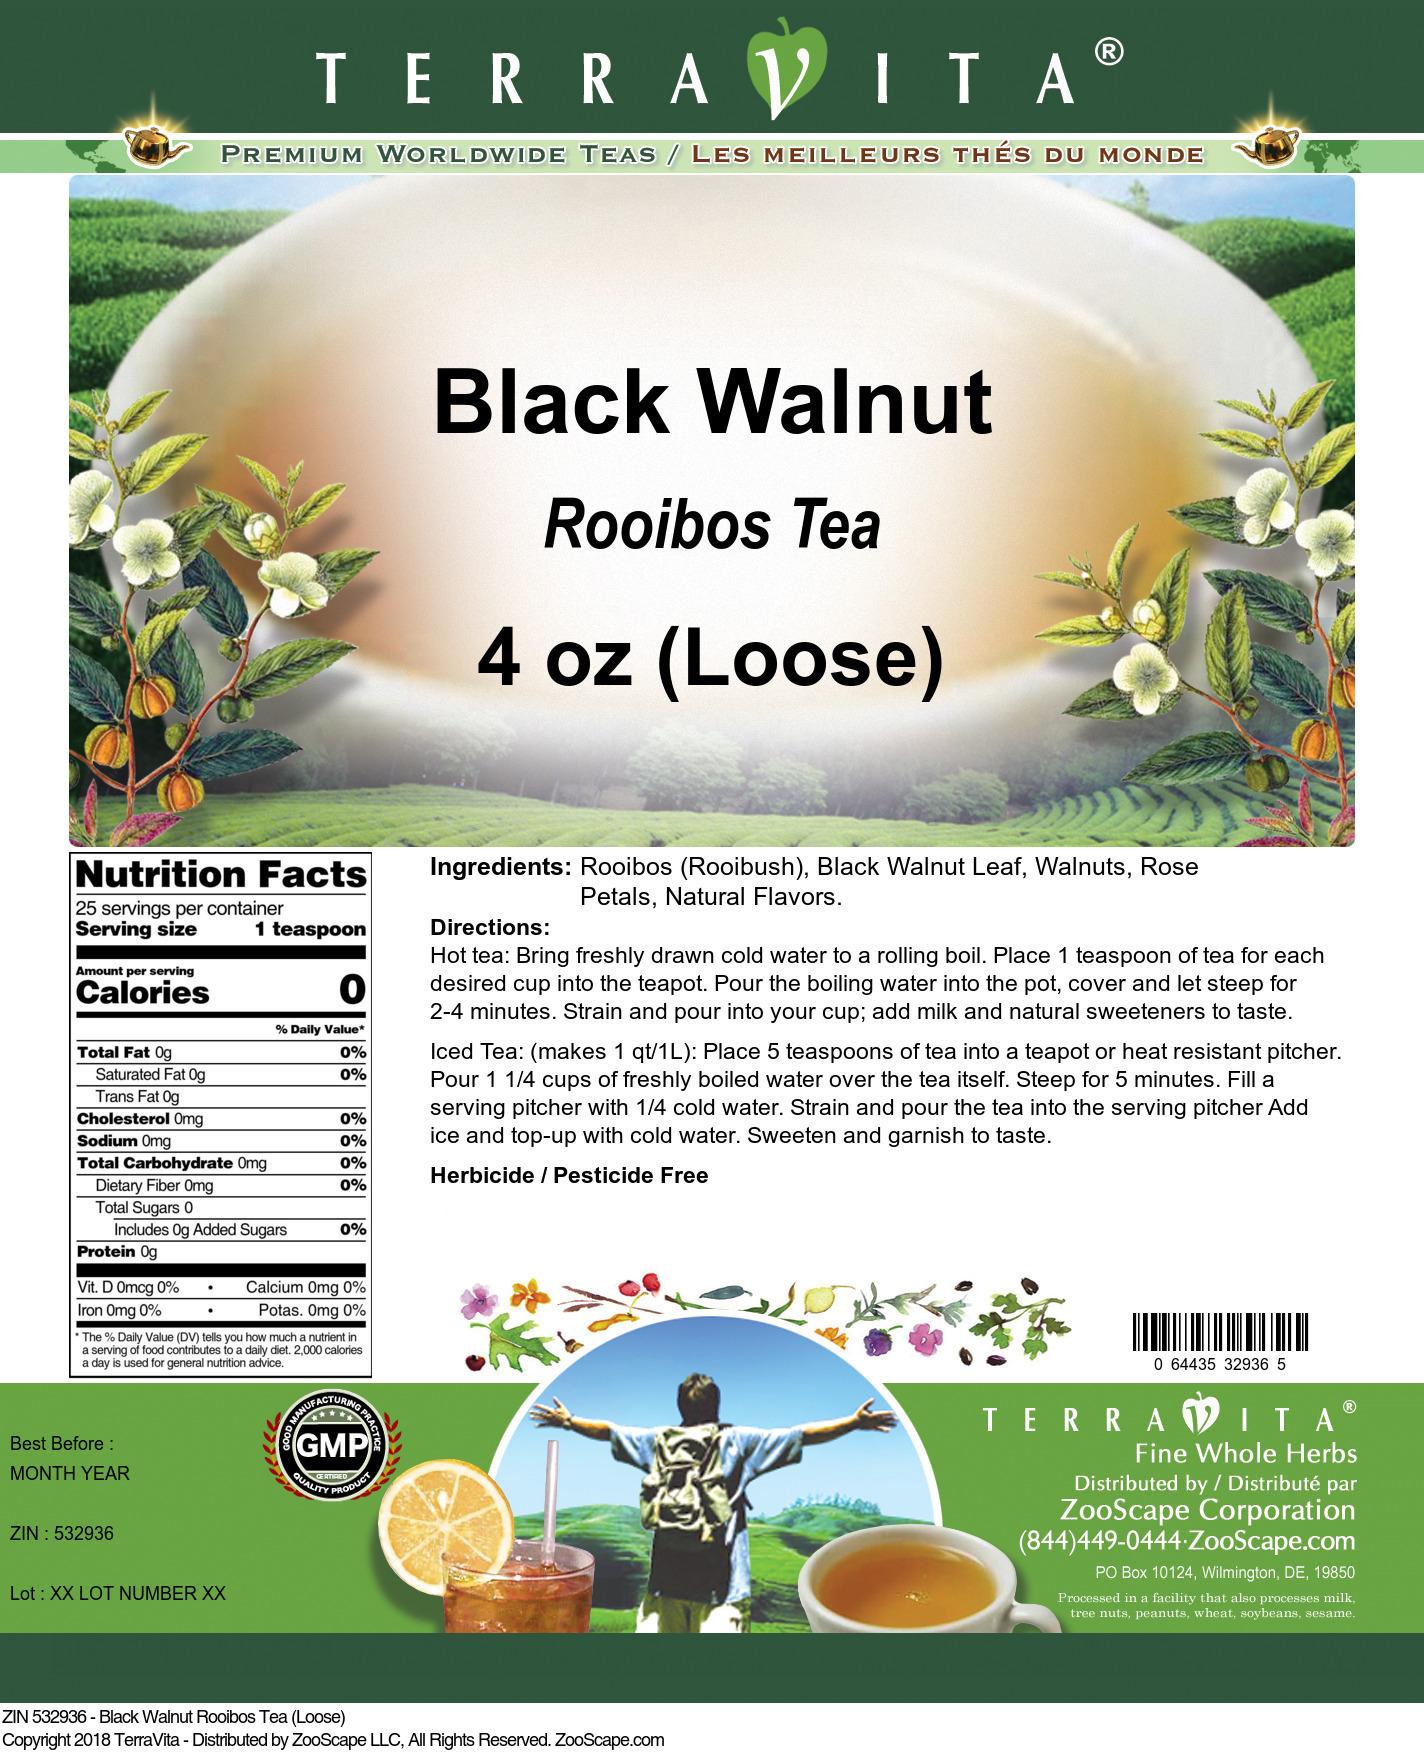 Black Walnut Rooibos Tea (Loose)